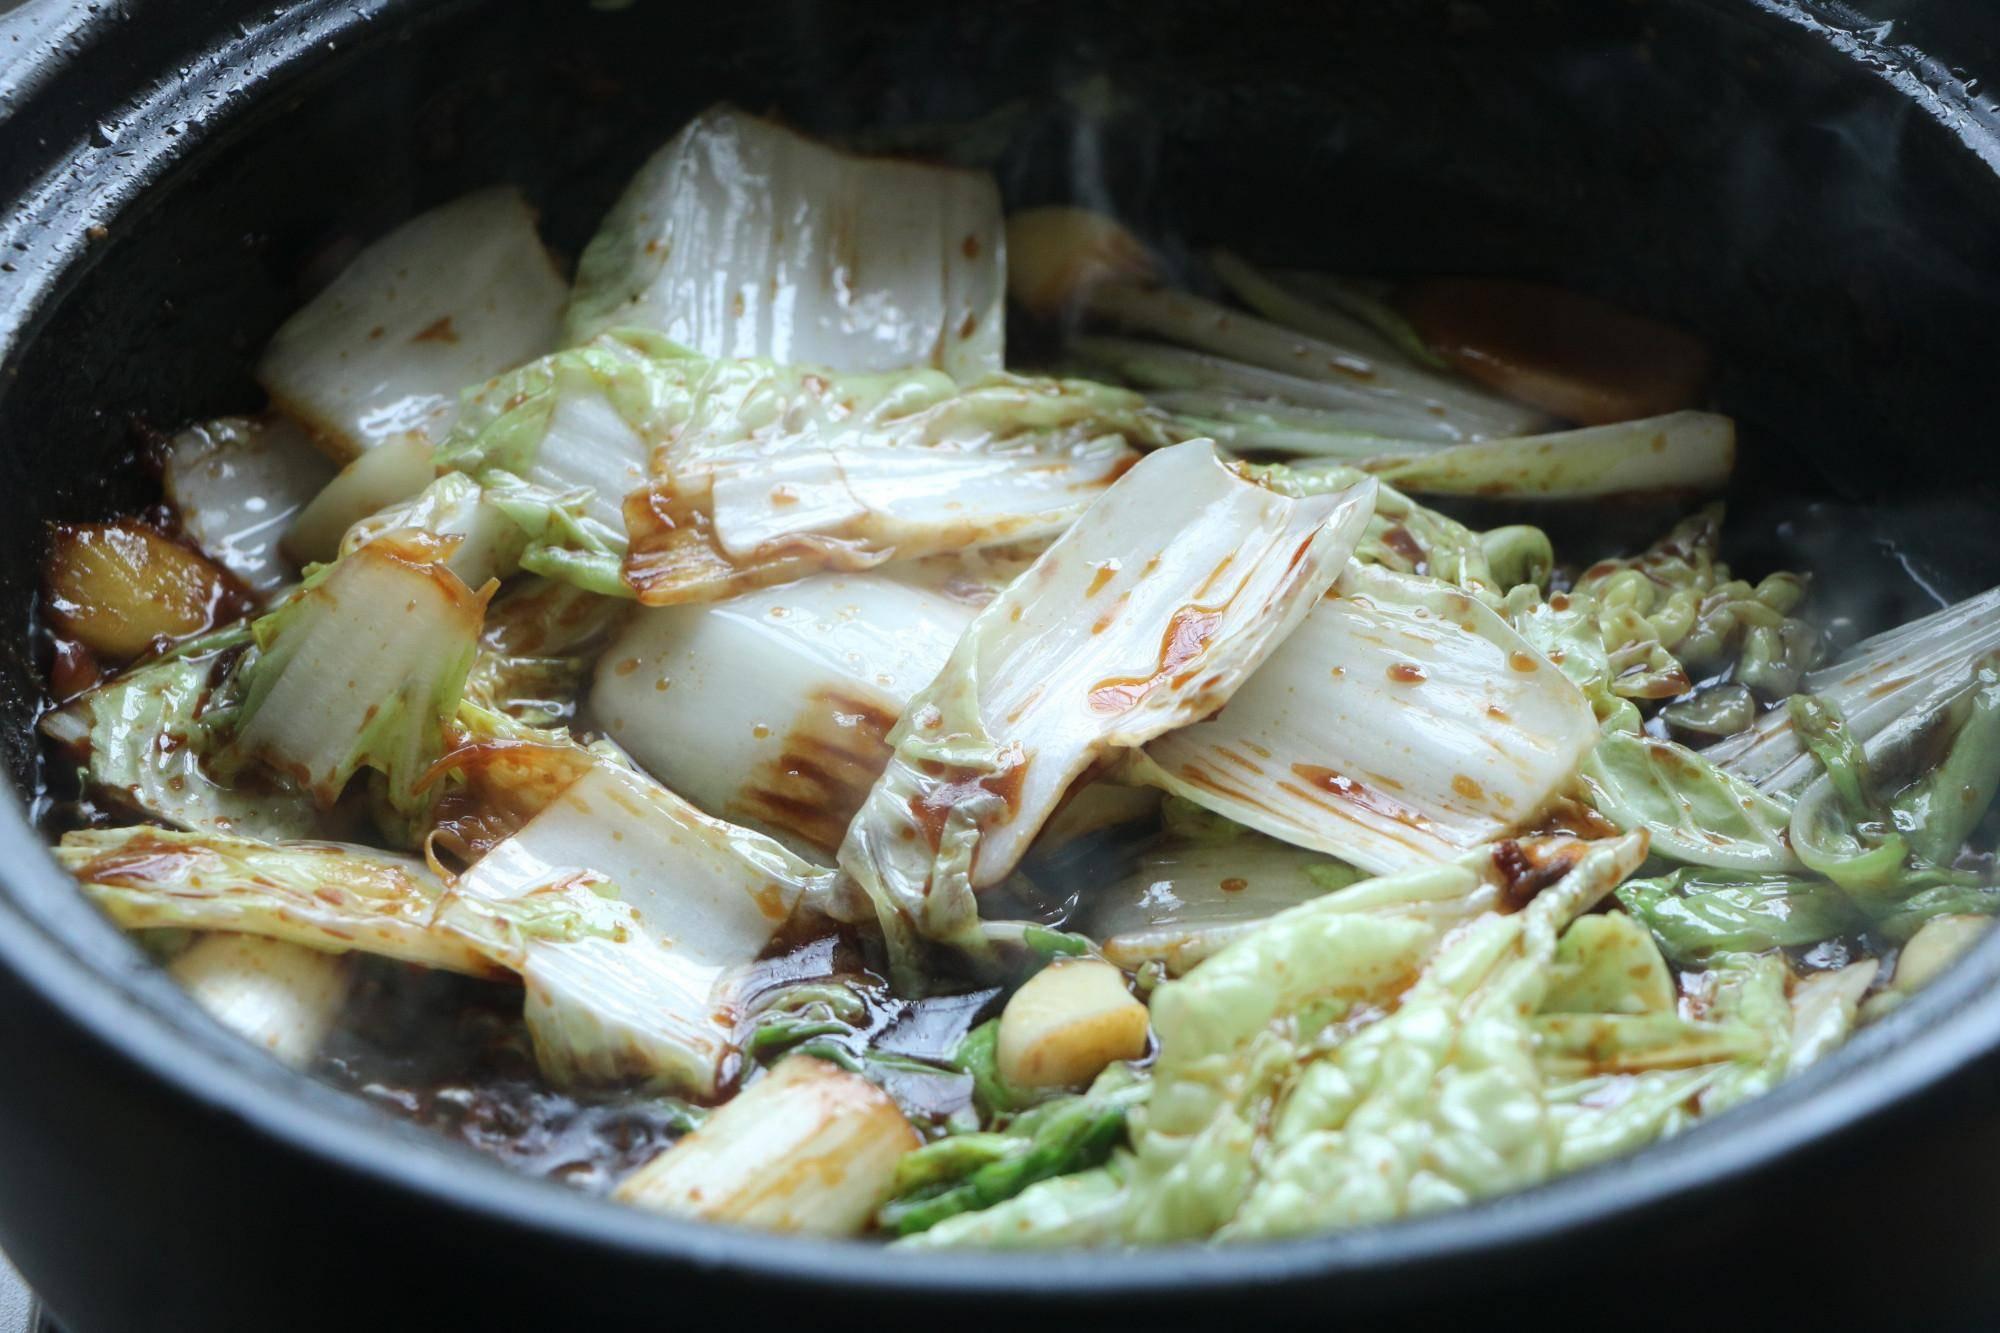 天冷了就爱这一锅炖菜,汤汁多好下饭,营养丰富,吃着全身暖和!